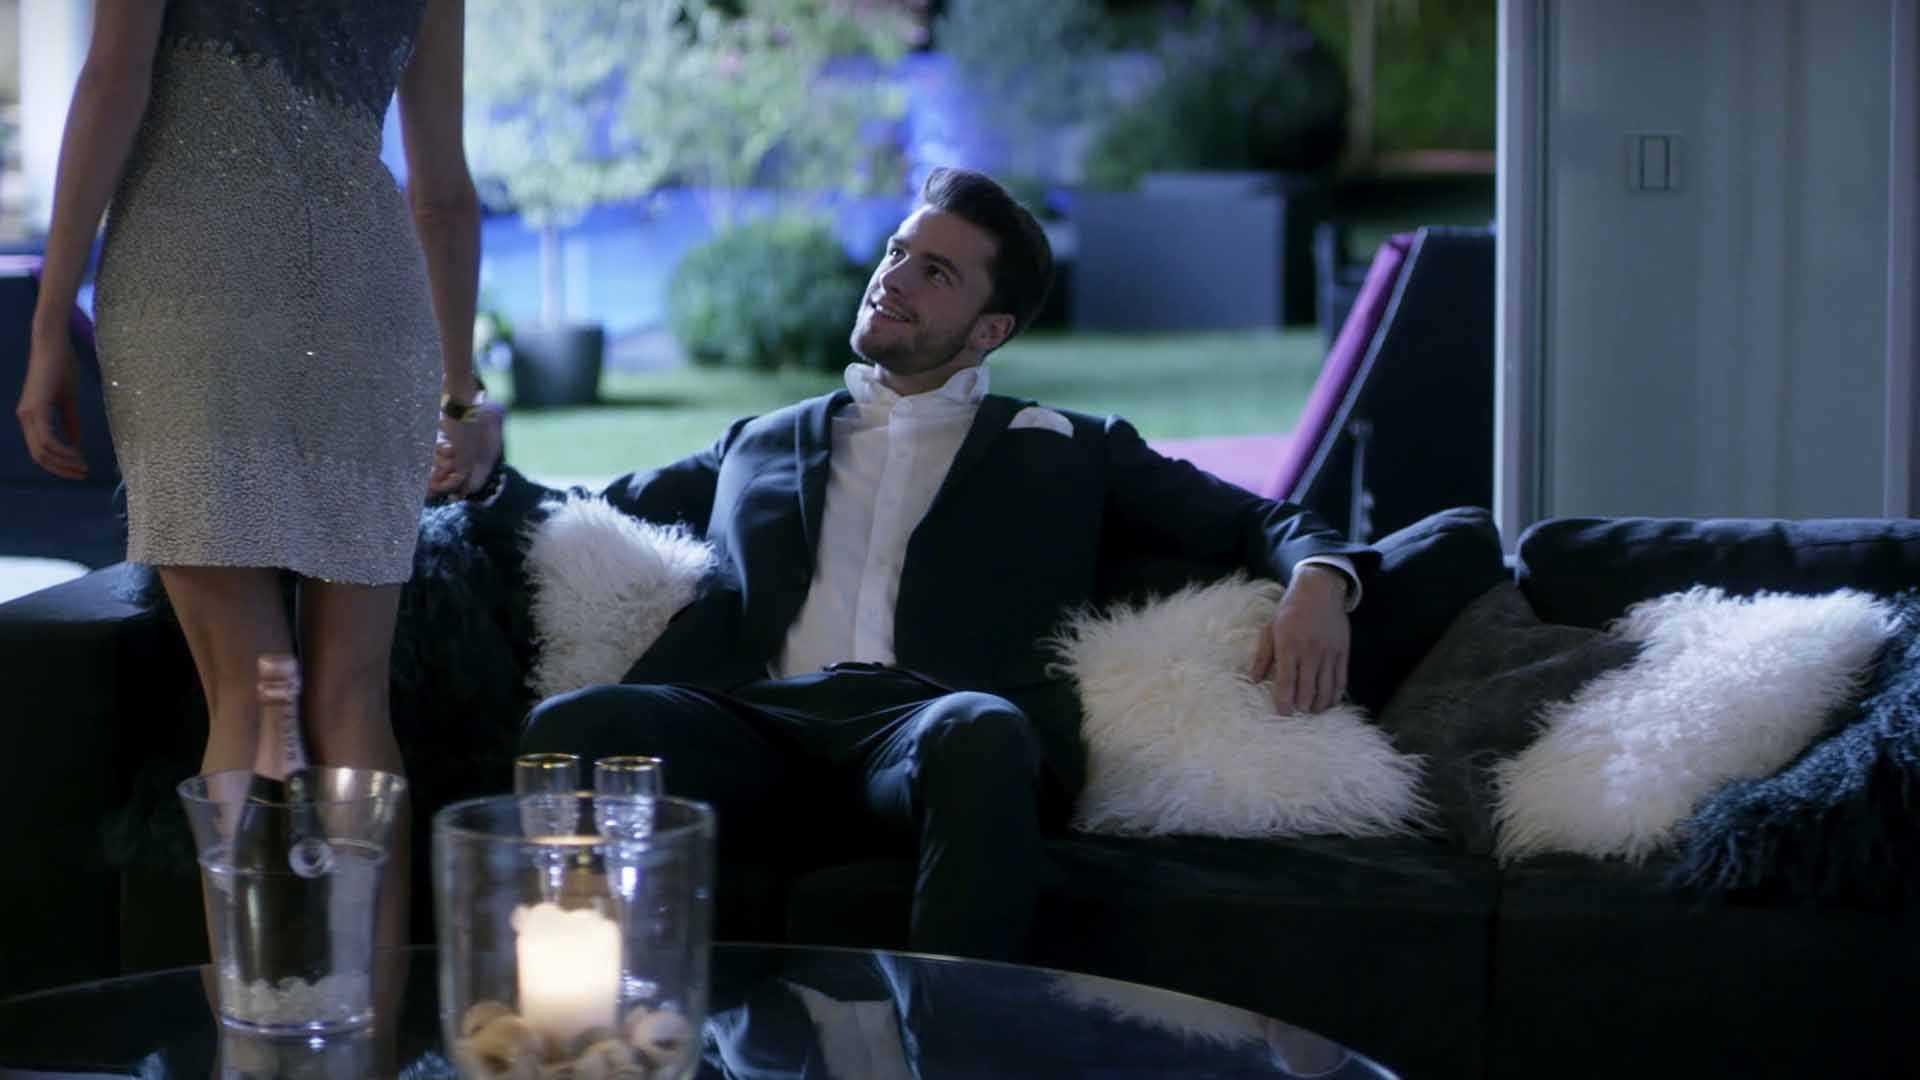 Das Bild zeigt einen Mann. Er sitzt auf einem Sofa. Unter ihm befindet sich ein Lammfell. Er trägt einen Anzug. Vor ihm steht ein Tisch mit einer Kerze. Eine Frau nimmt ihn an der Hand. Hinter ihm sieht man einen Garten. Das Bild dient als Sliderbild für den Portfolioeintrag BMW Connected Drive Home Alone von Panda Pictures.